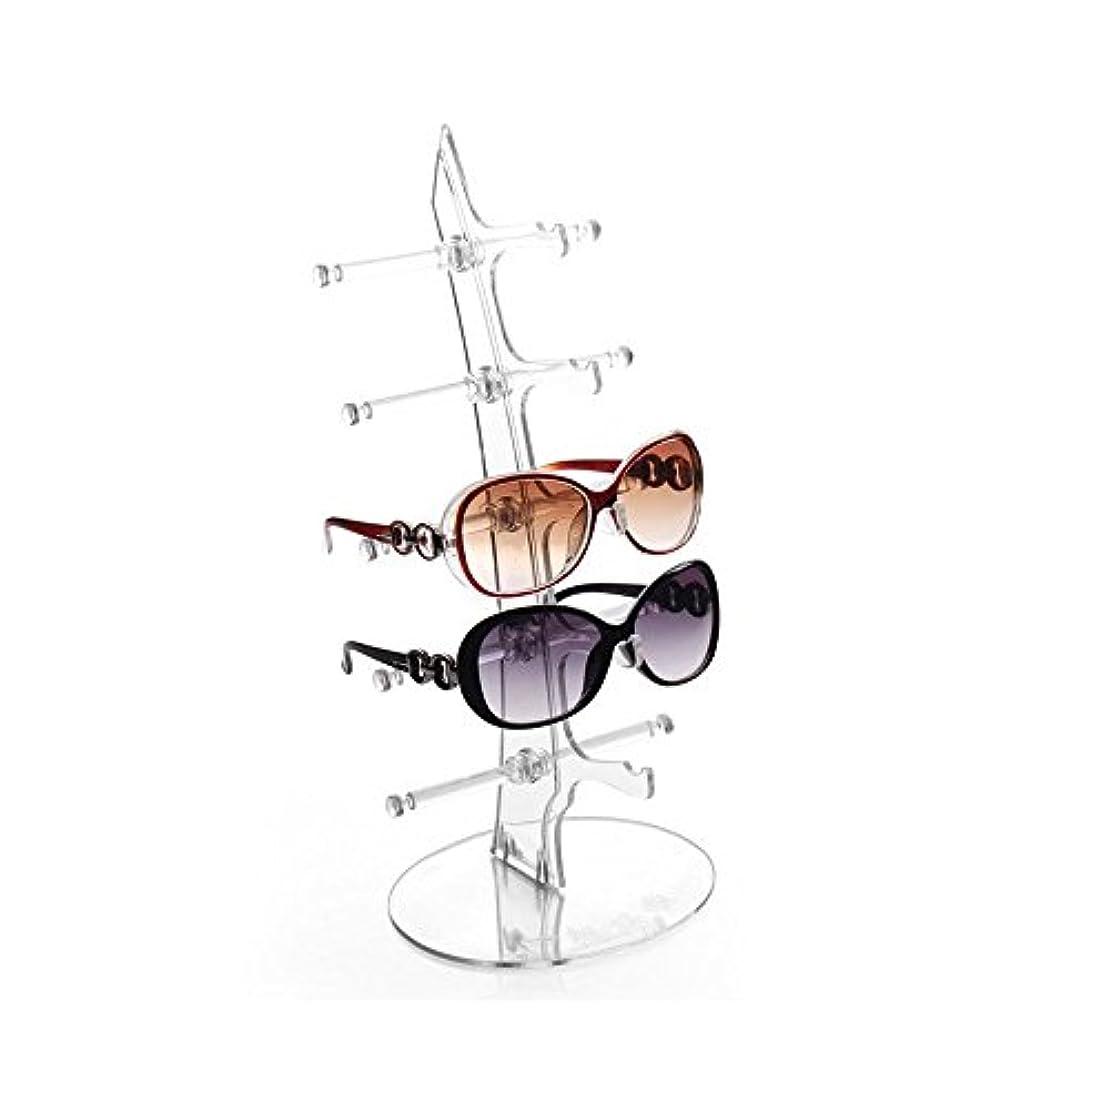 説教する逆さまに表面的なHongch 眼鏡 デイリー用ディスプレイスタンド サングラスホルダーラック 眼鏡